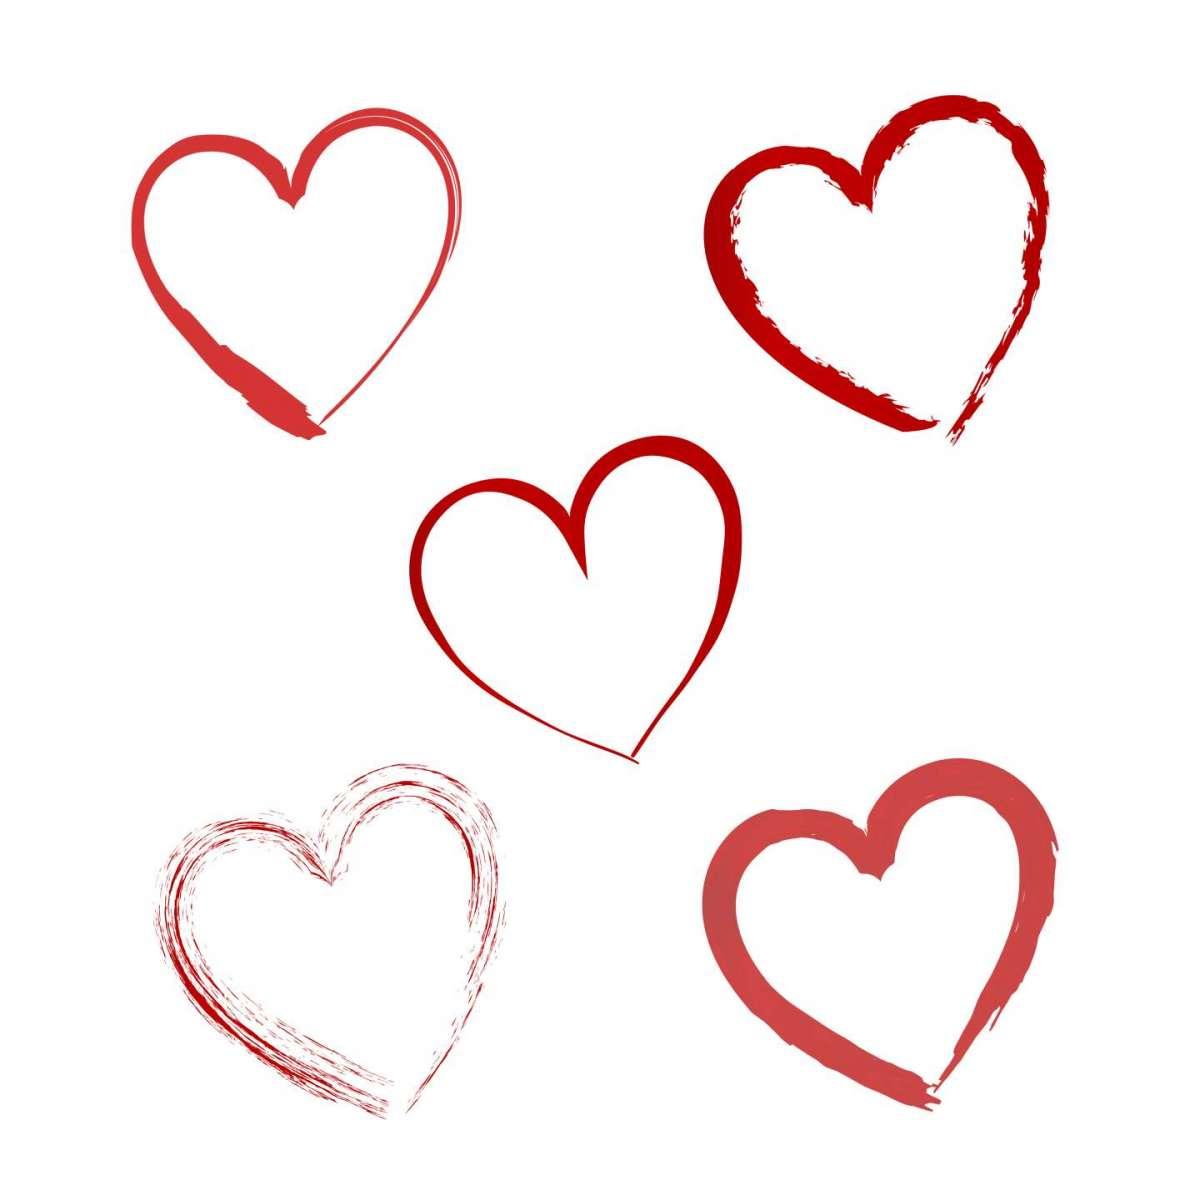 Immagini di amore: cuori romantici